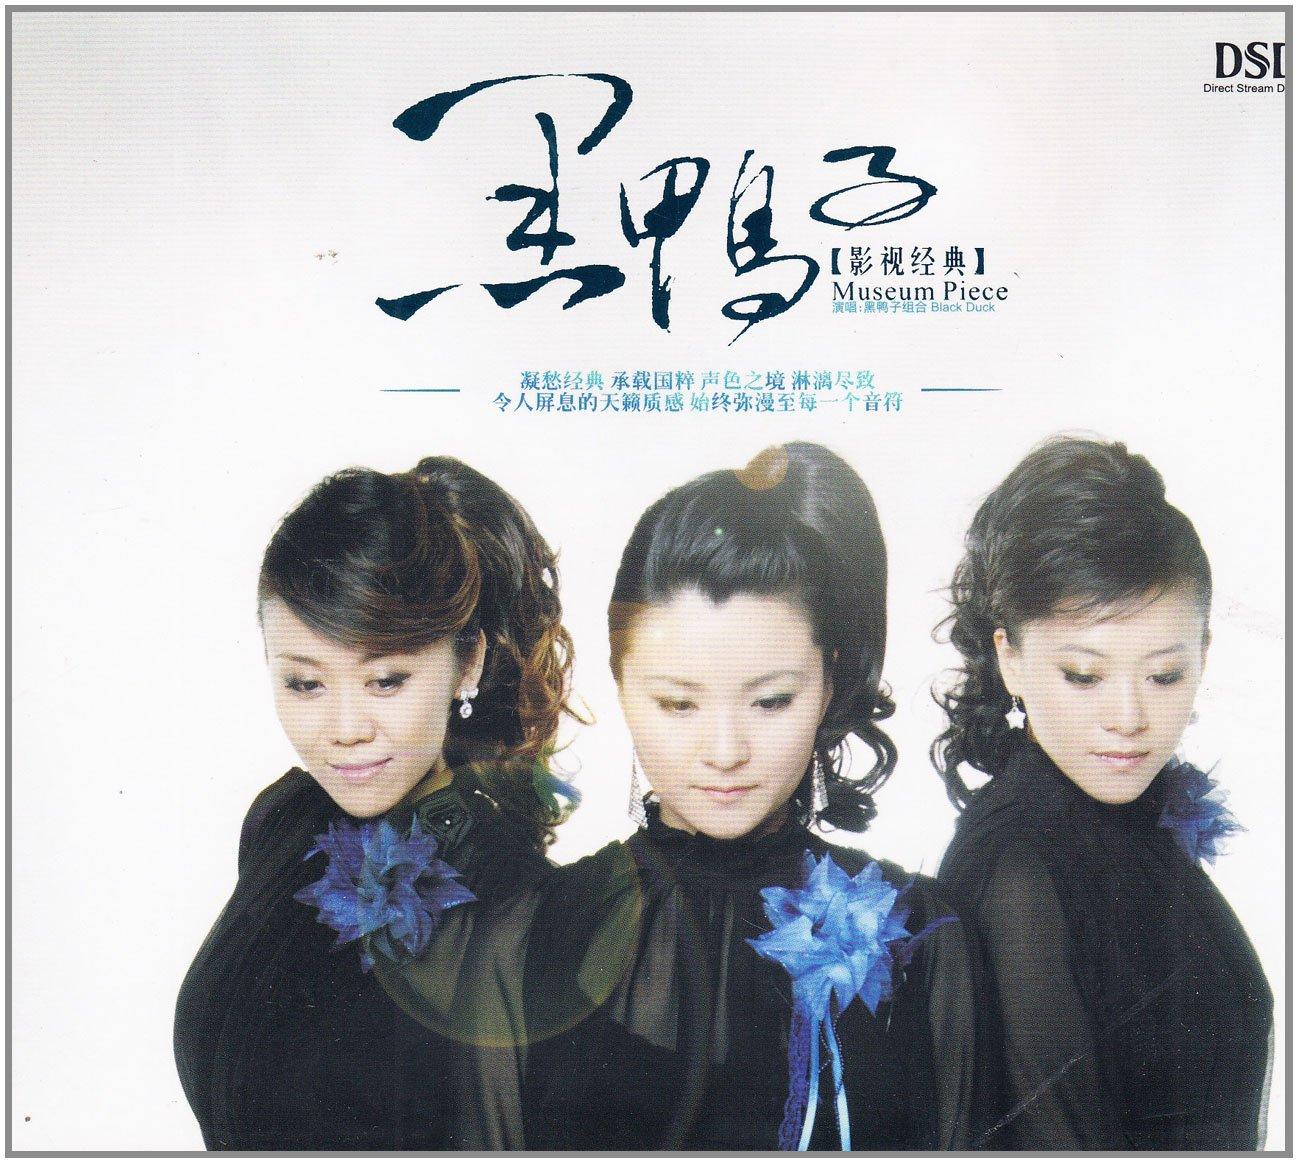 黑鸭子:影视经典(cd) 黑鸭子组合 亚马逊中国